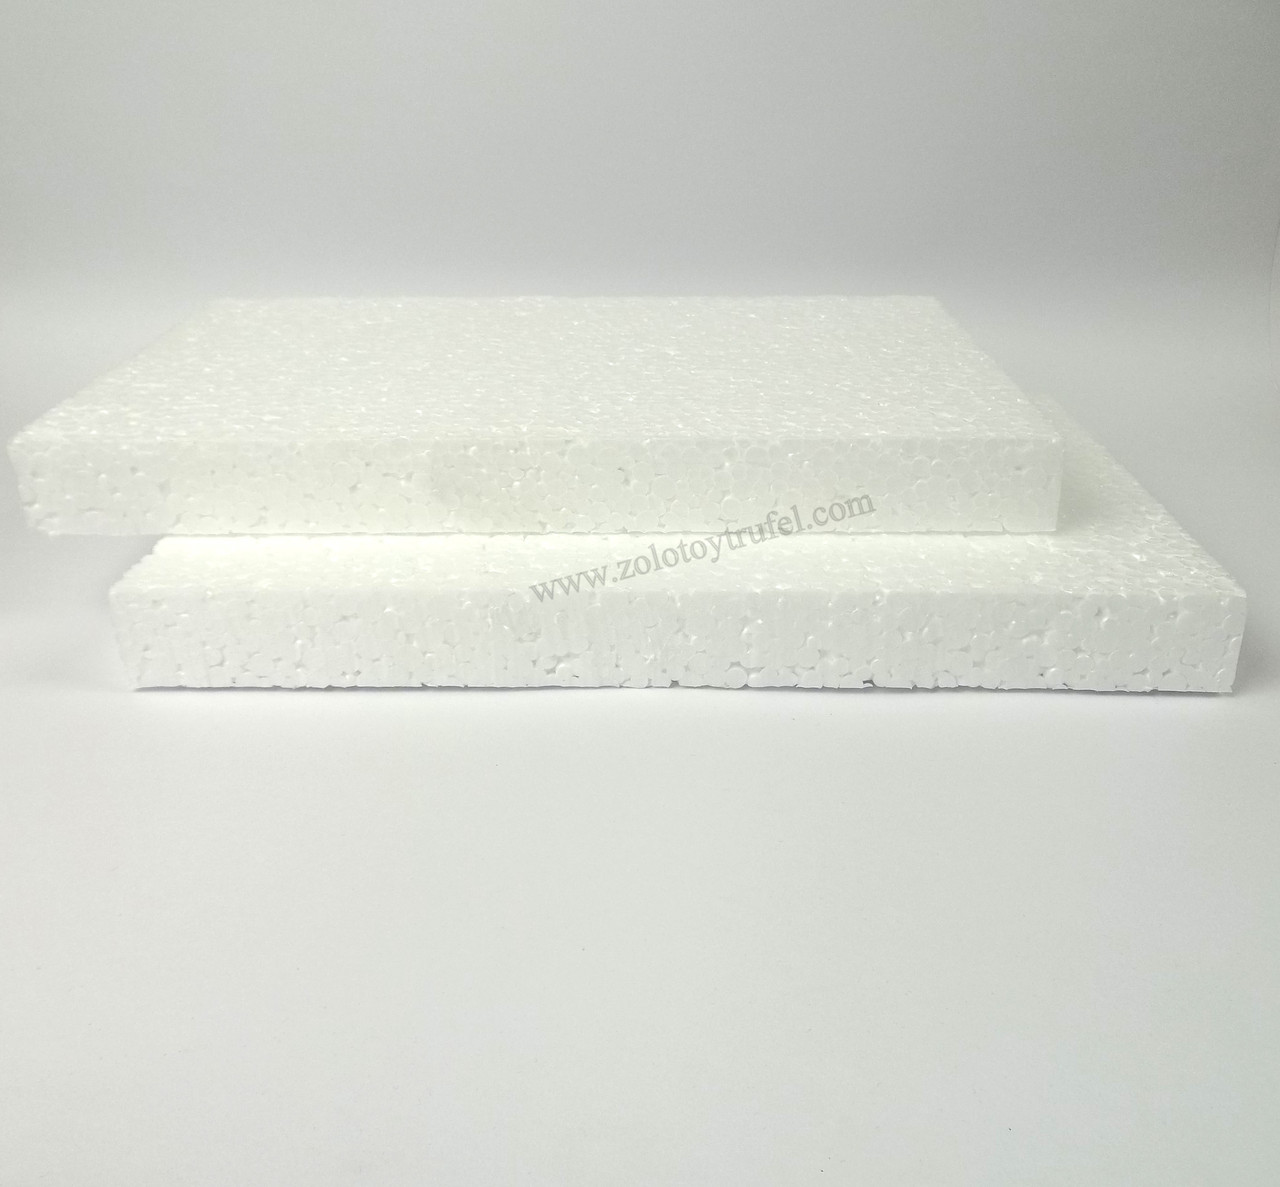 Прослойки пенопластовые для торта 21*21 см h 3 см